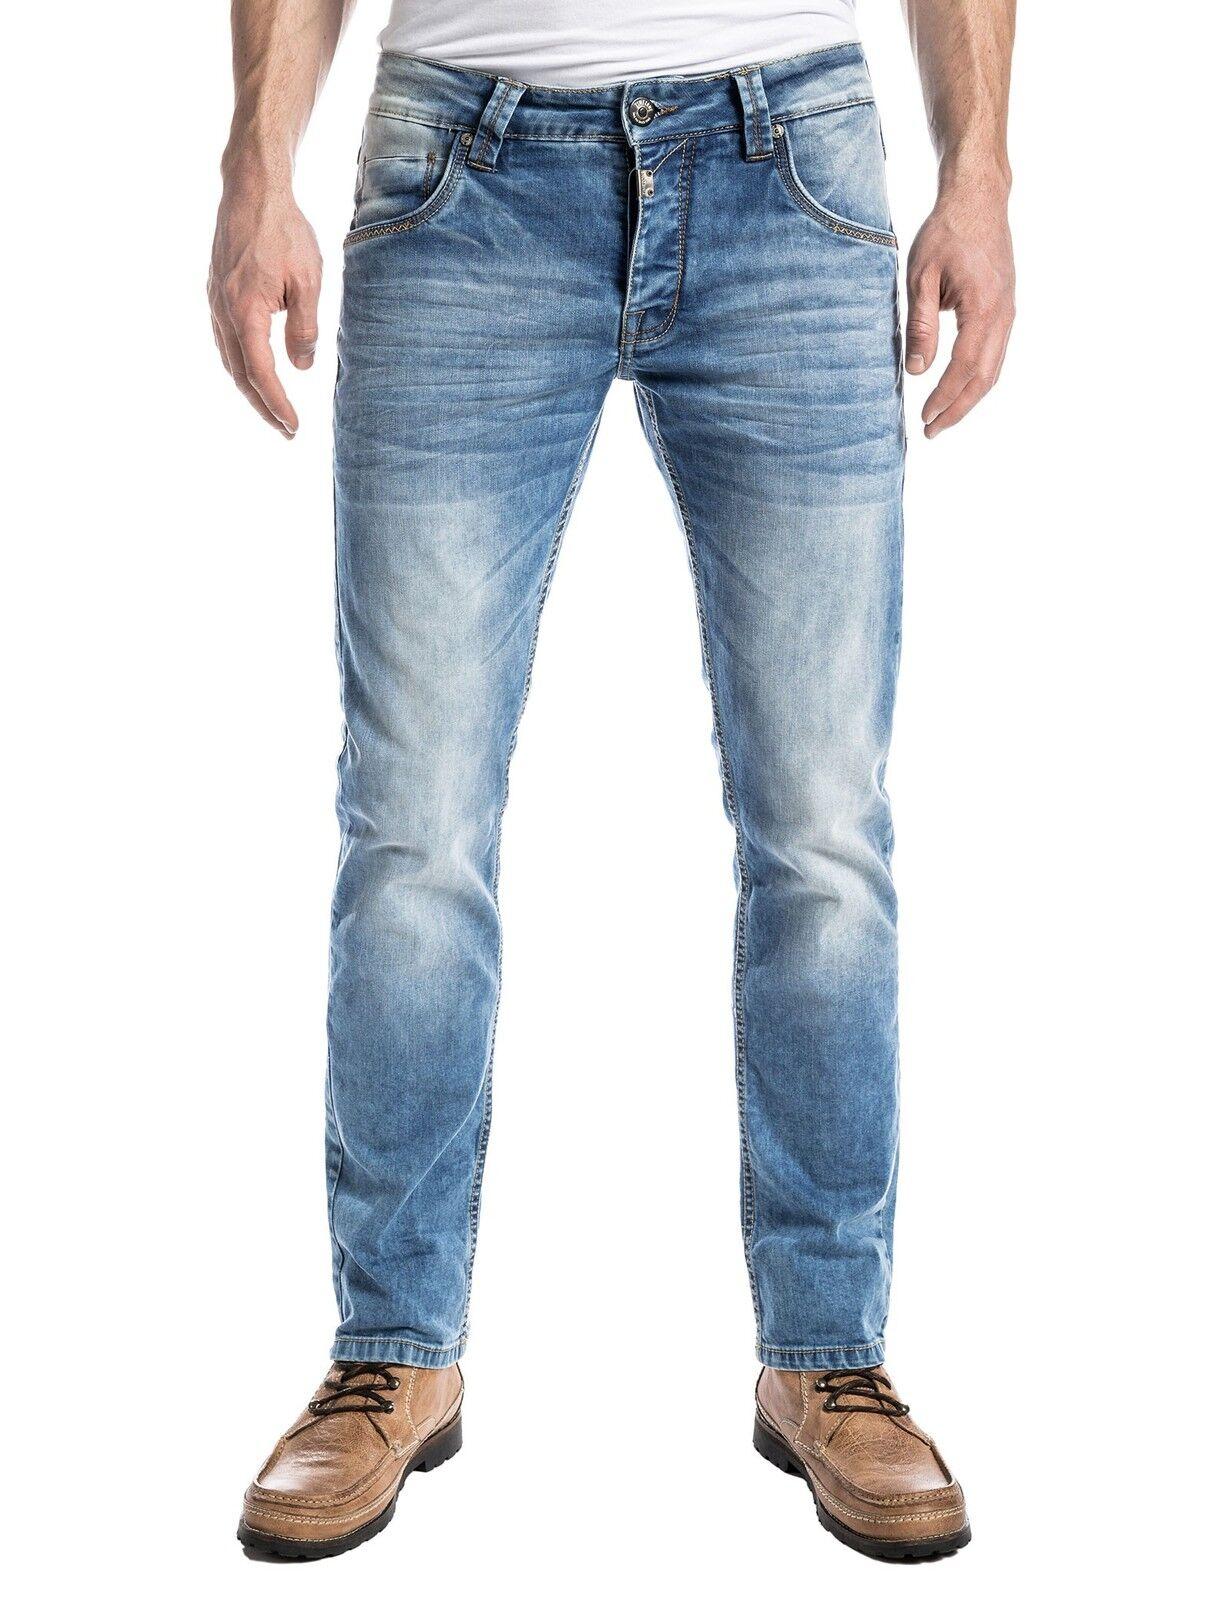 Timezone Herren Jeans Eduardo 26-5623-3265 Beste Blau wash Ver. Größen Längen  | Exzellente Verarbeitung  | Spielen Sie Leidenschaft, spielen Sie die Ernte, spielen Sie die Welt  | Verkauf